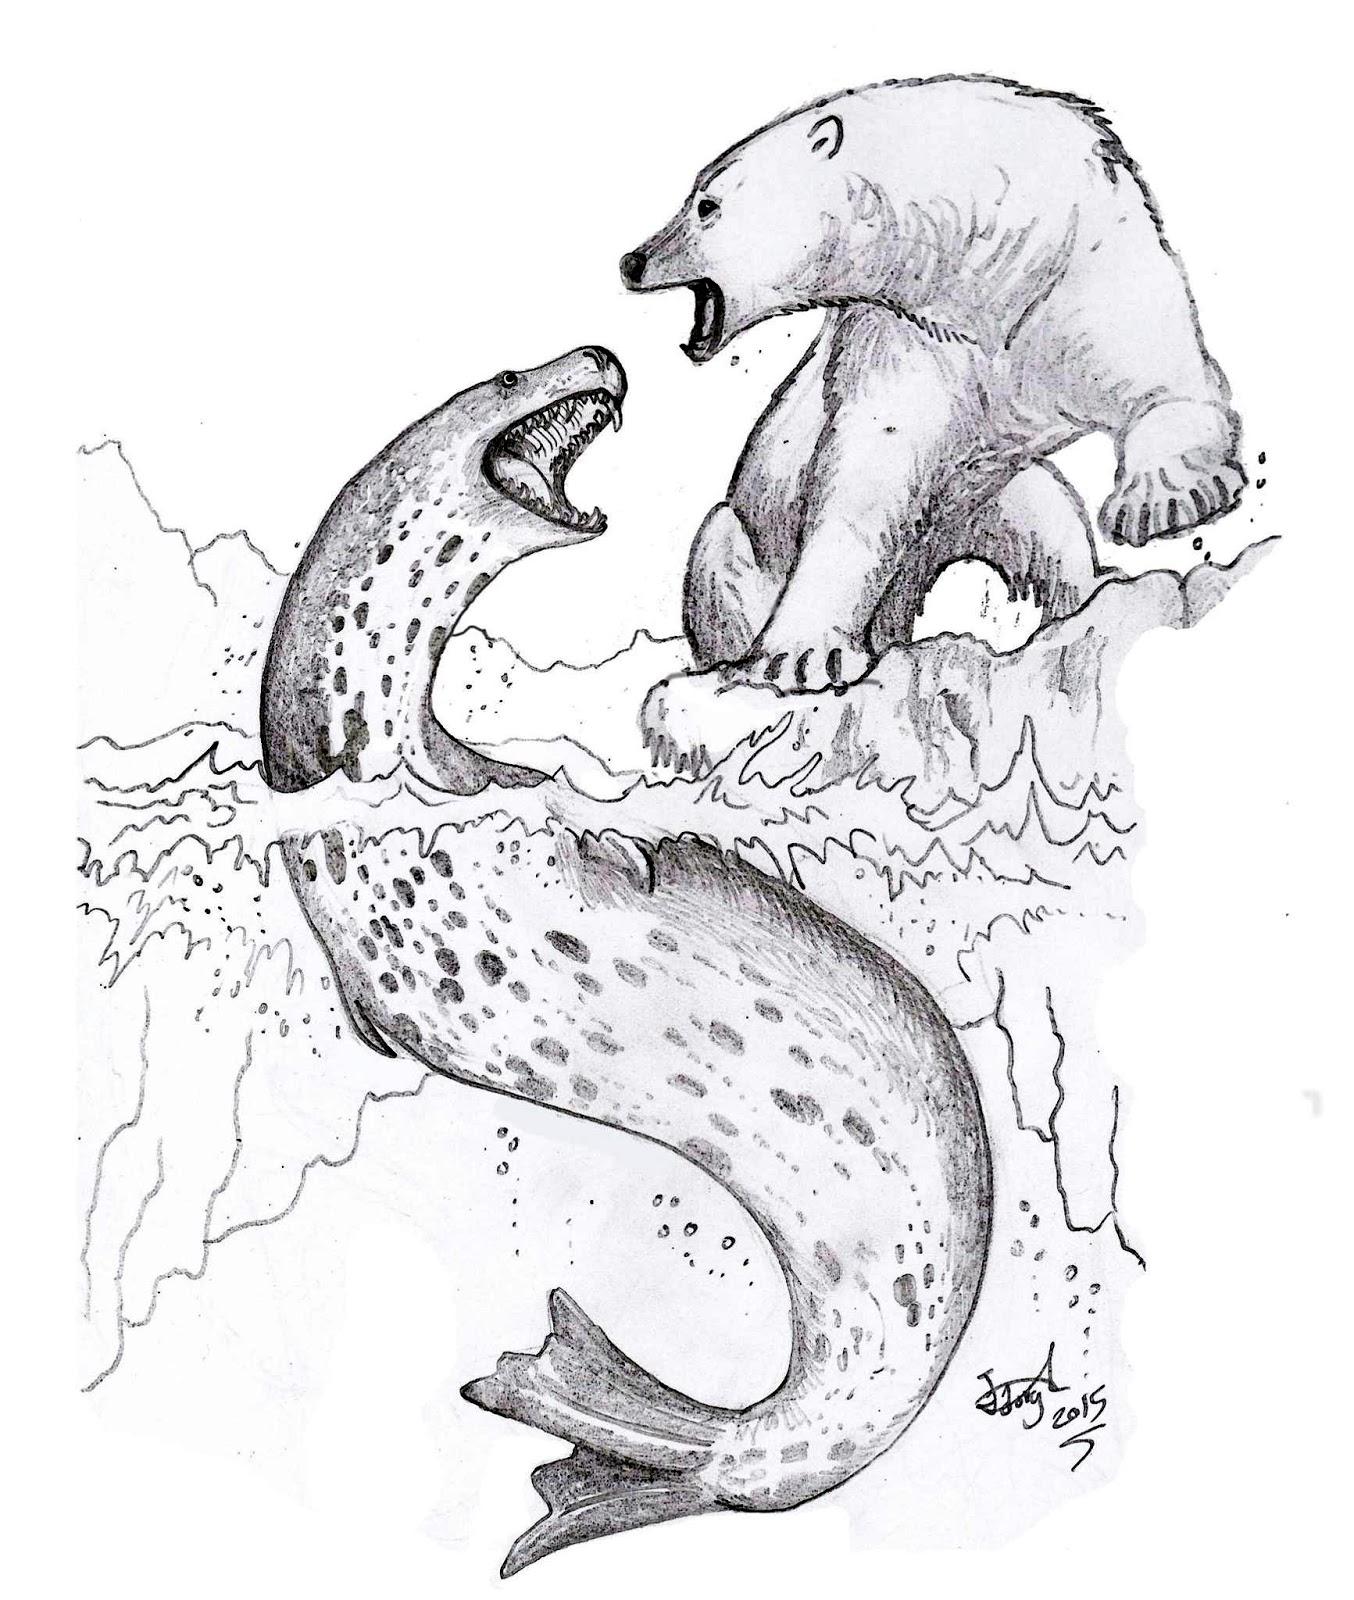 1354x1600 In Inuit Mythology, The Tizheruk Is A Mythical Large Snake Like